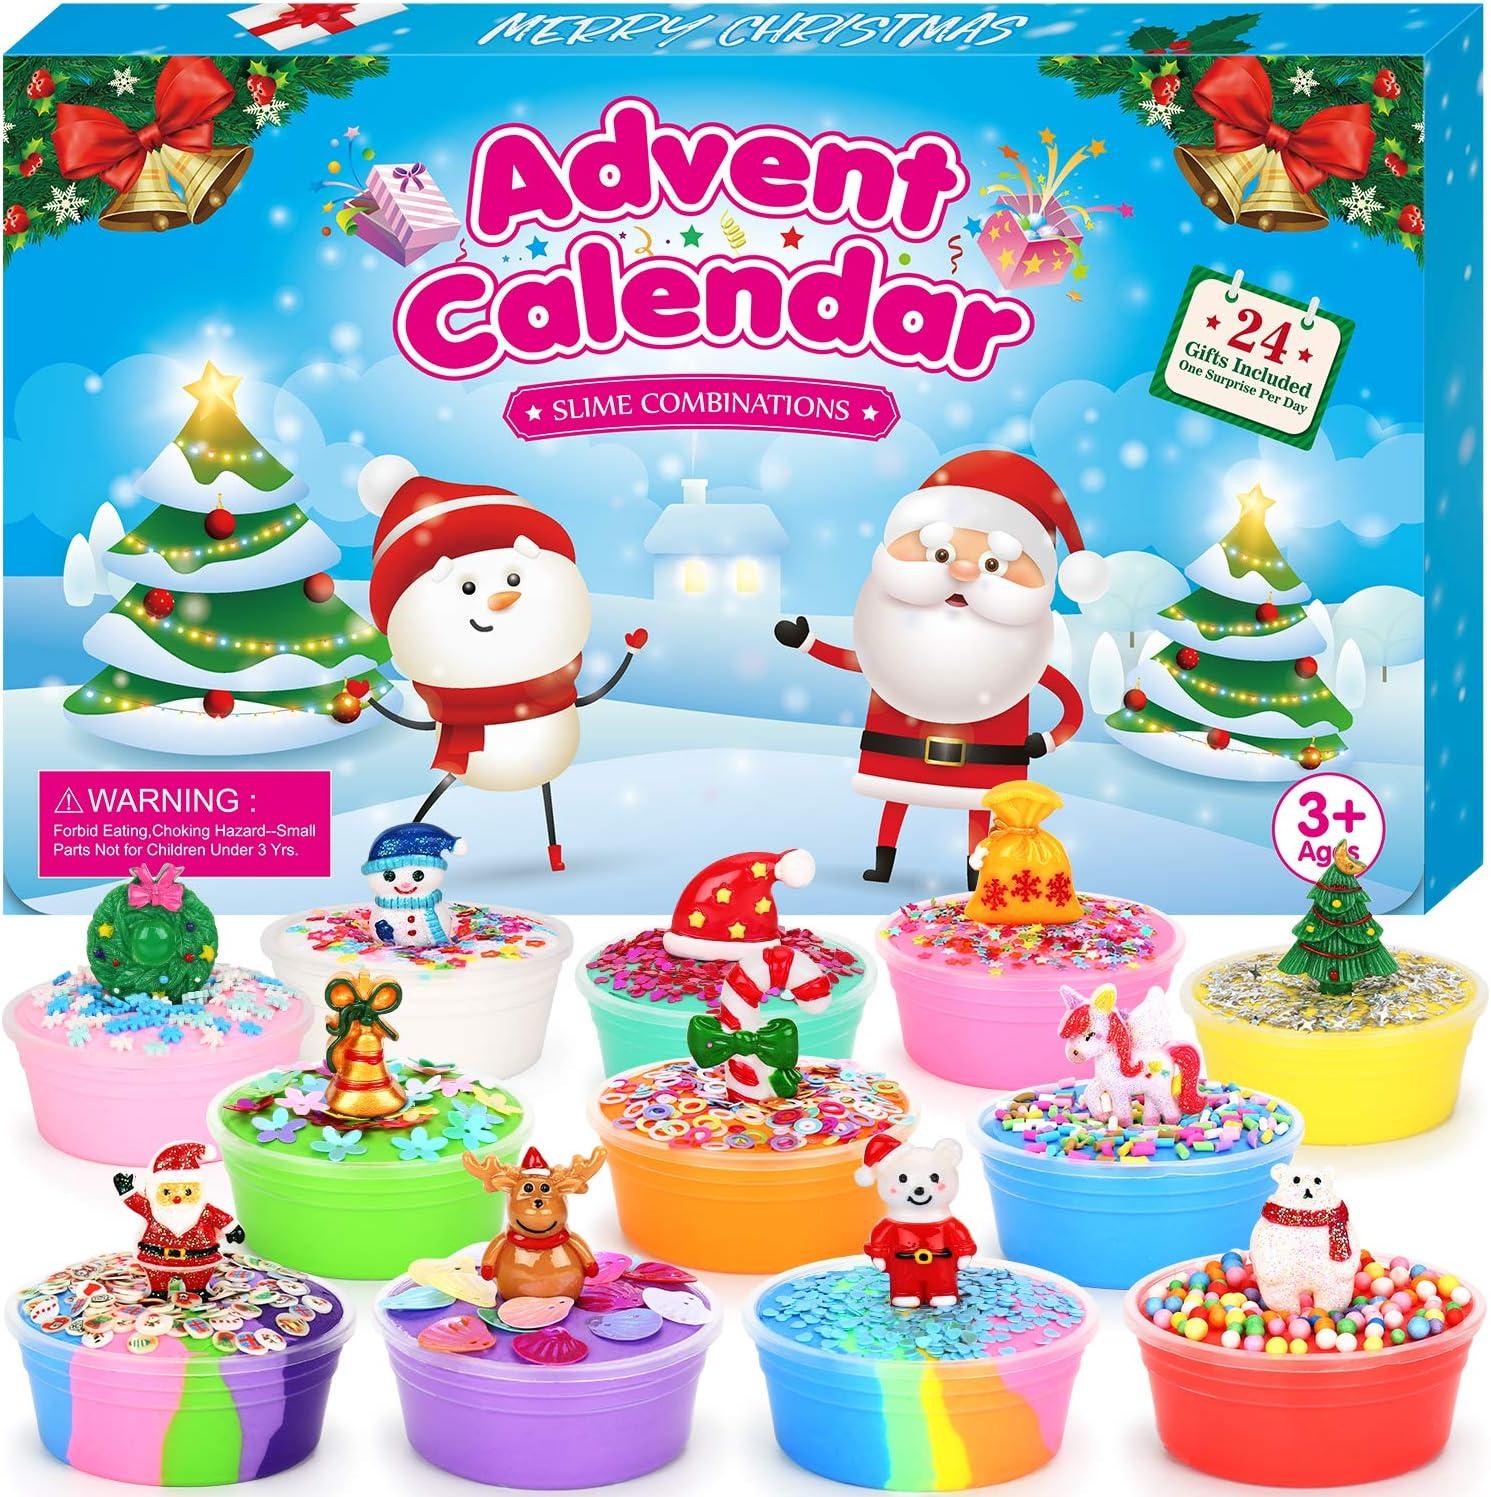 The Christmas Calendar 2020 Release Amazon.com: ELOVER Slime Advent Calendar 2020 Countdown to